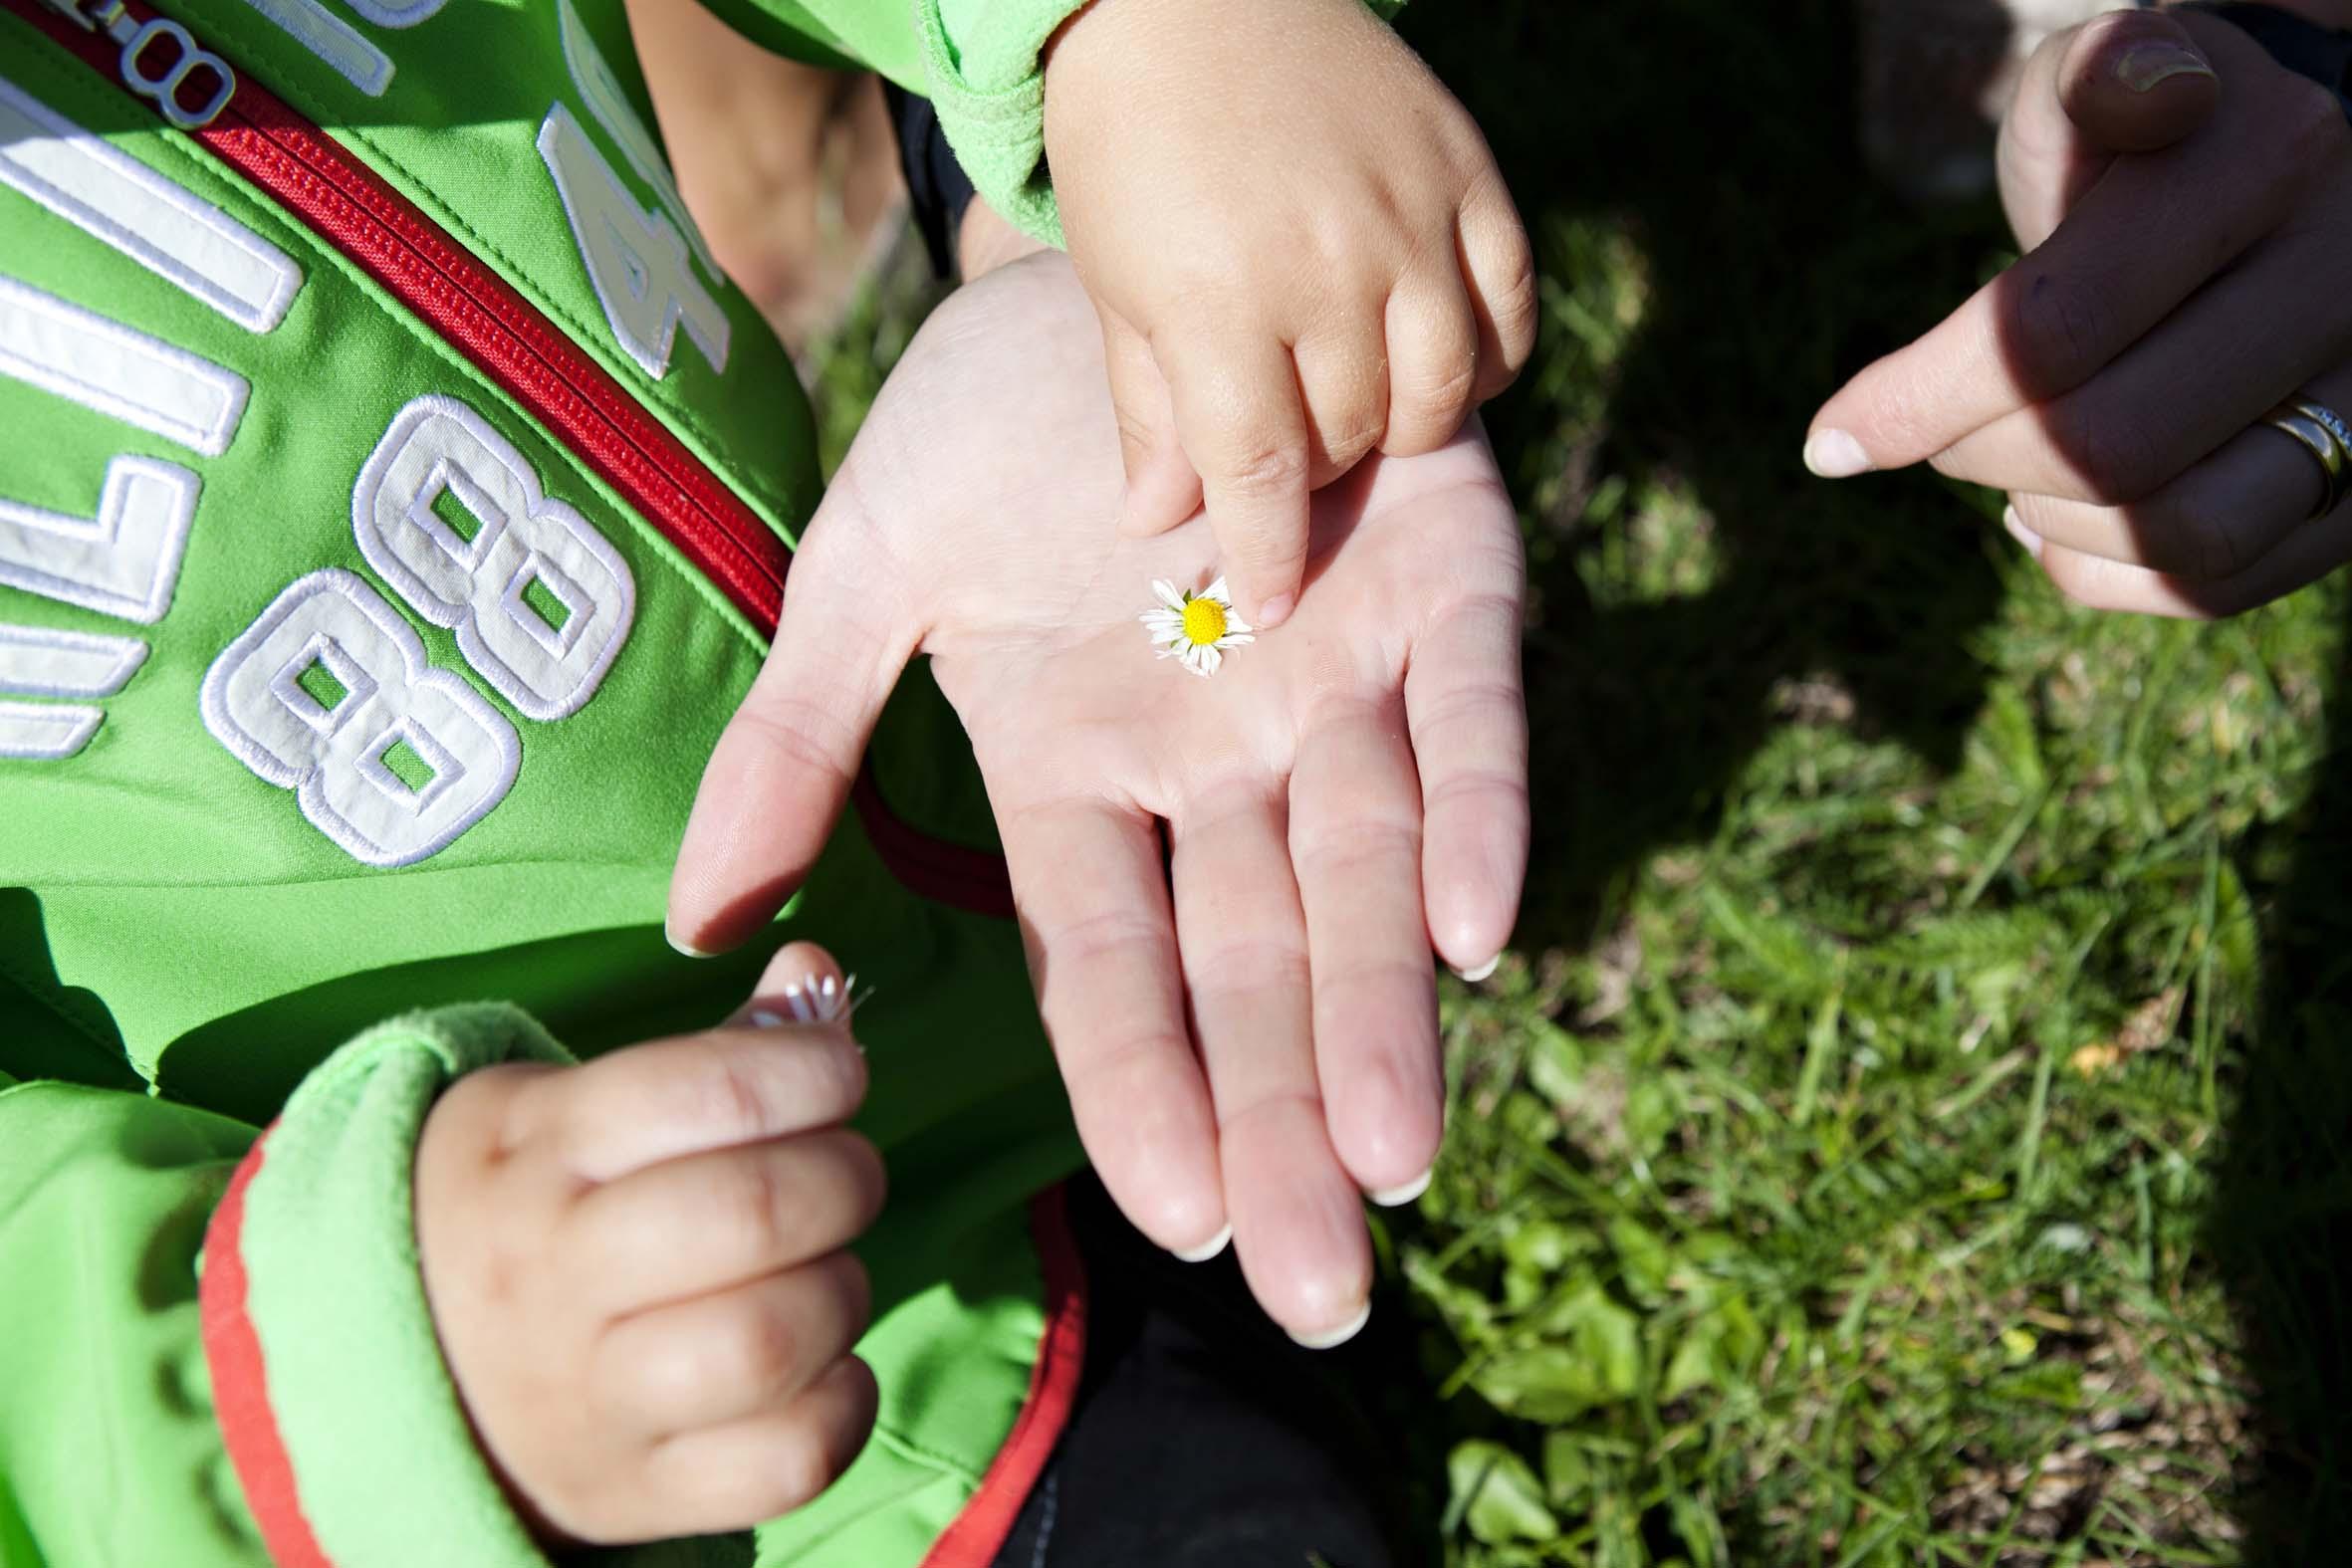 Barn lägger tusensköna i utsträck hand.